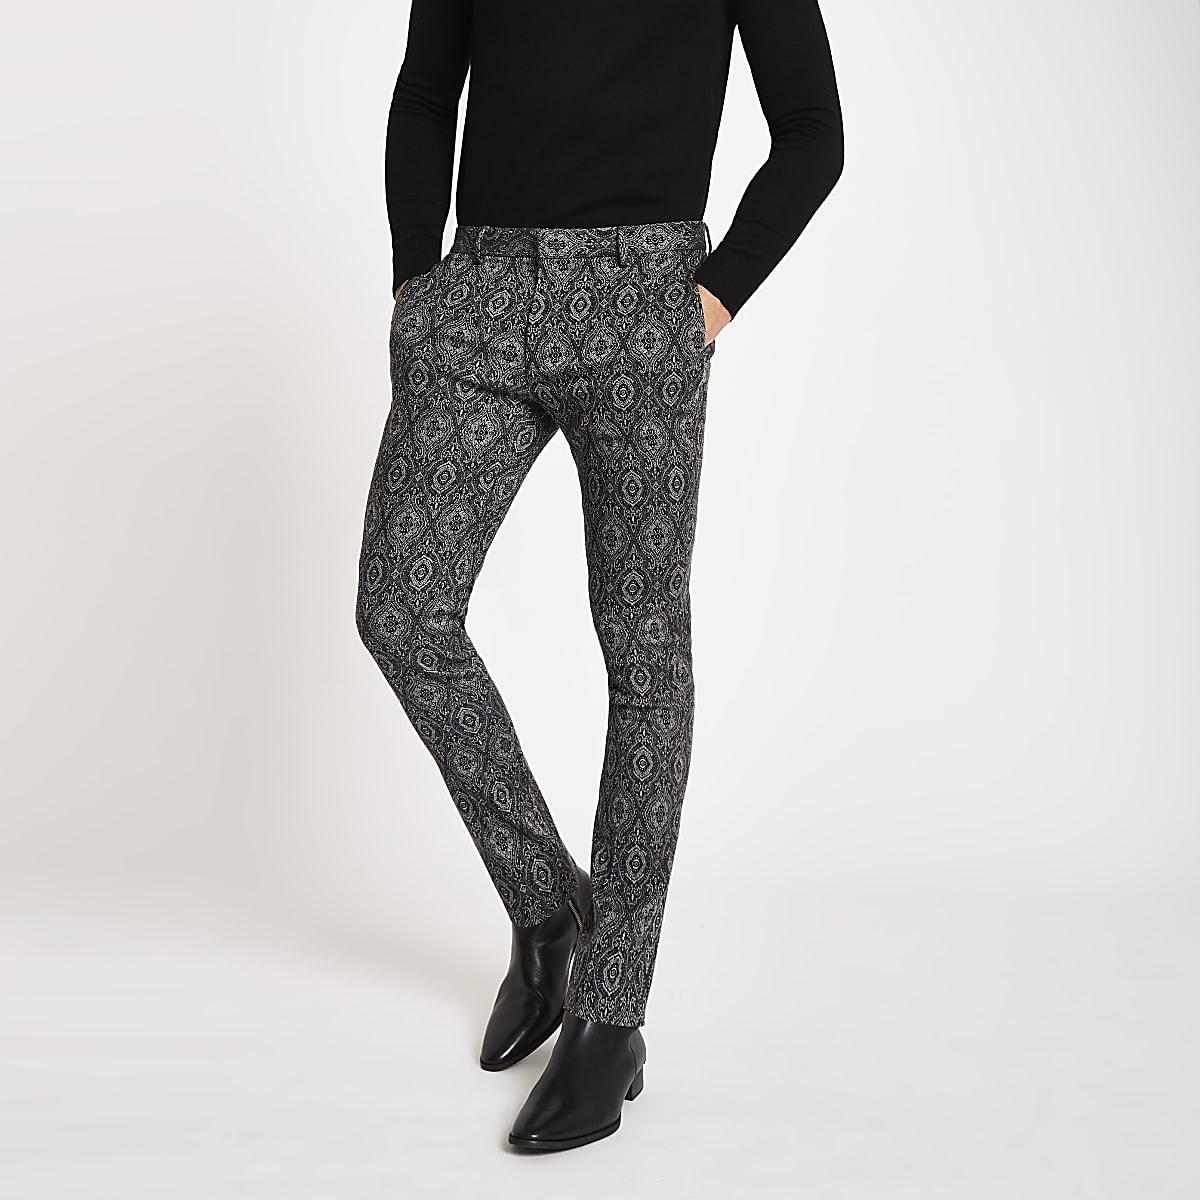 Pantalon super skinny habillé à imprimé mosaïque noir